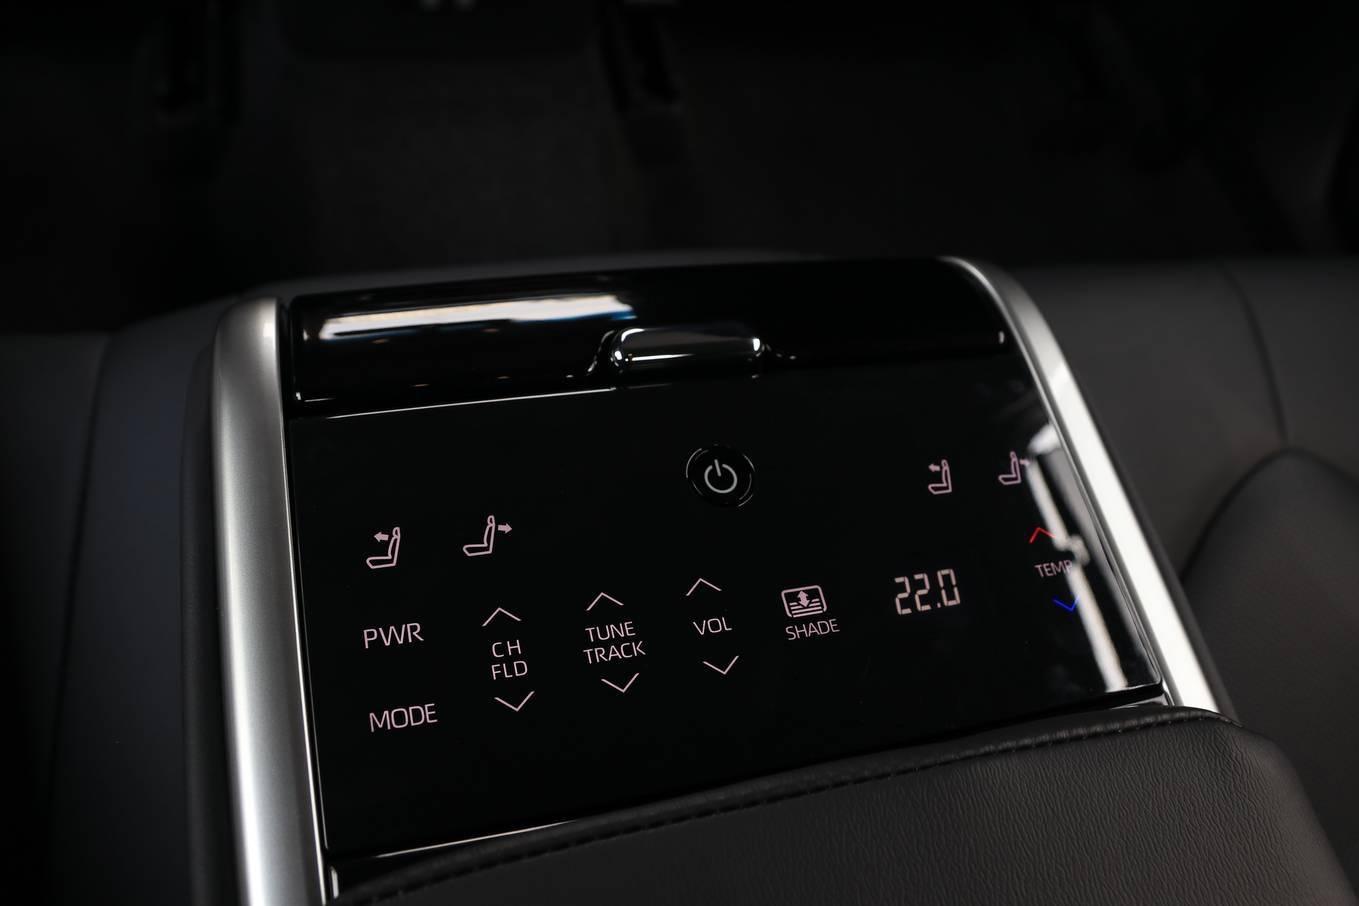 danh gia xe toyota camry 2020 anh 09 - Camry 2020: giá xe và khuyến mãi tháng [hienthithang]